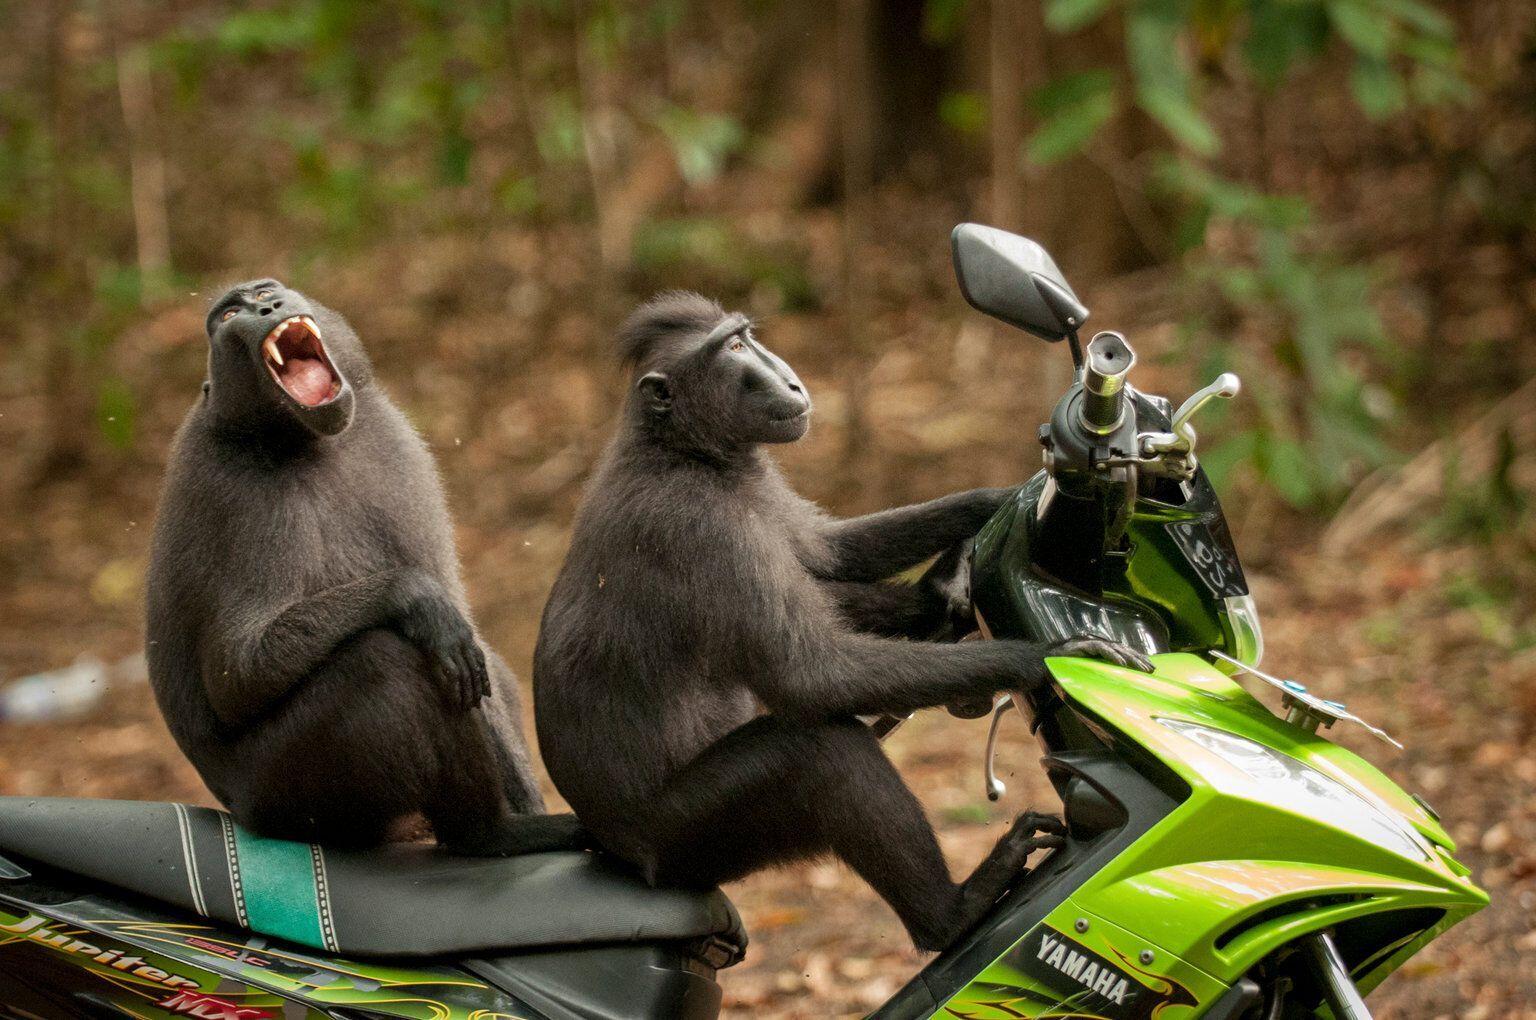 Пара мавпочок взяла на тест-драйв новенький мопед